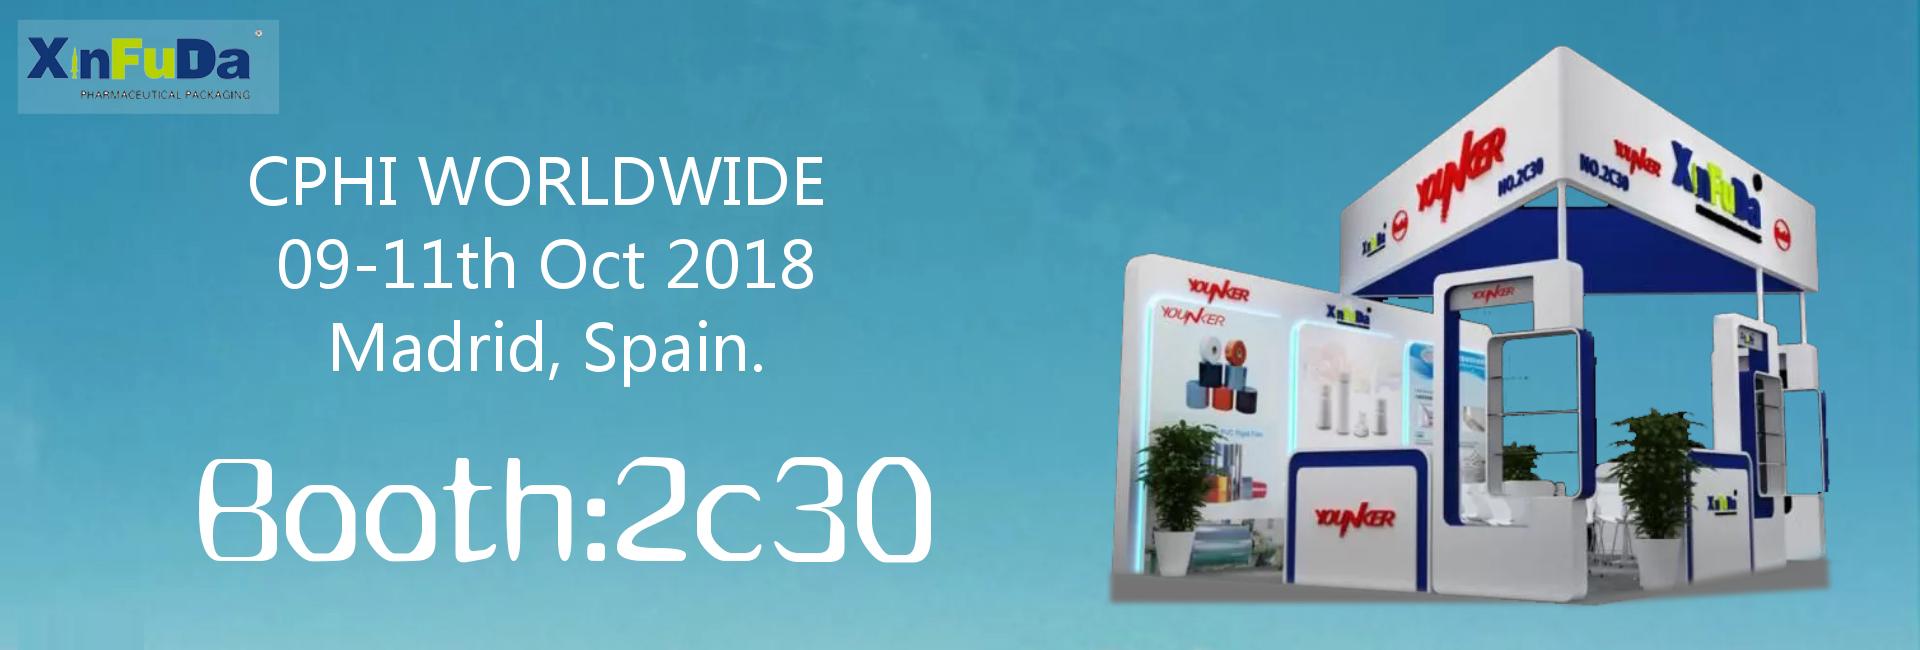 CPHI worldwide 2018 in Spain